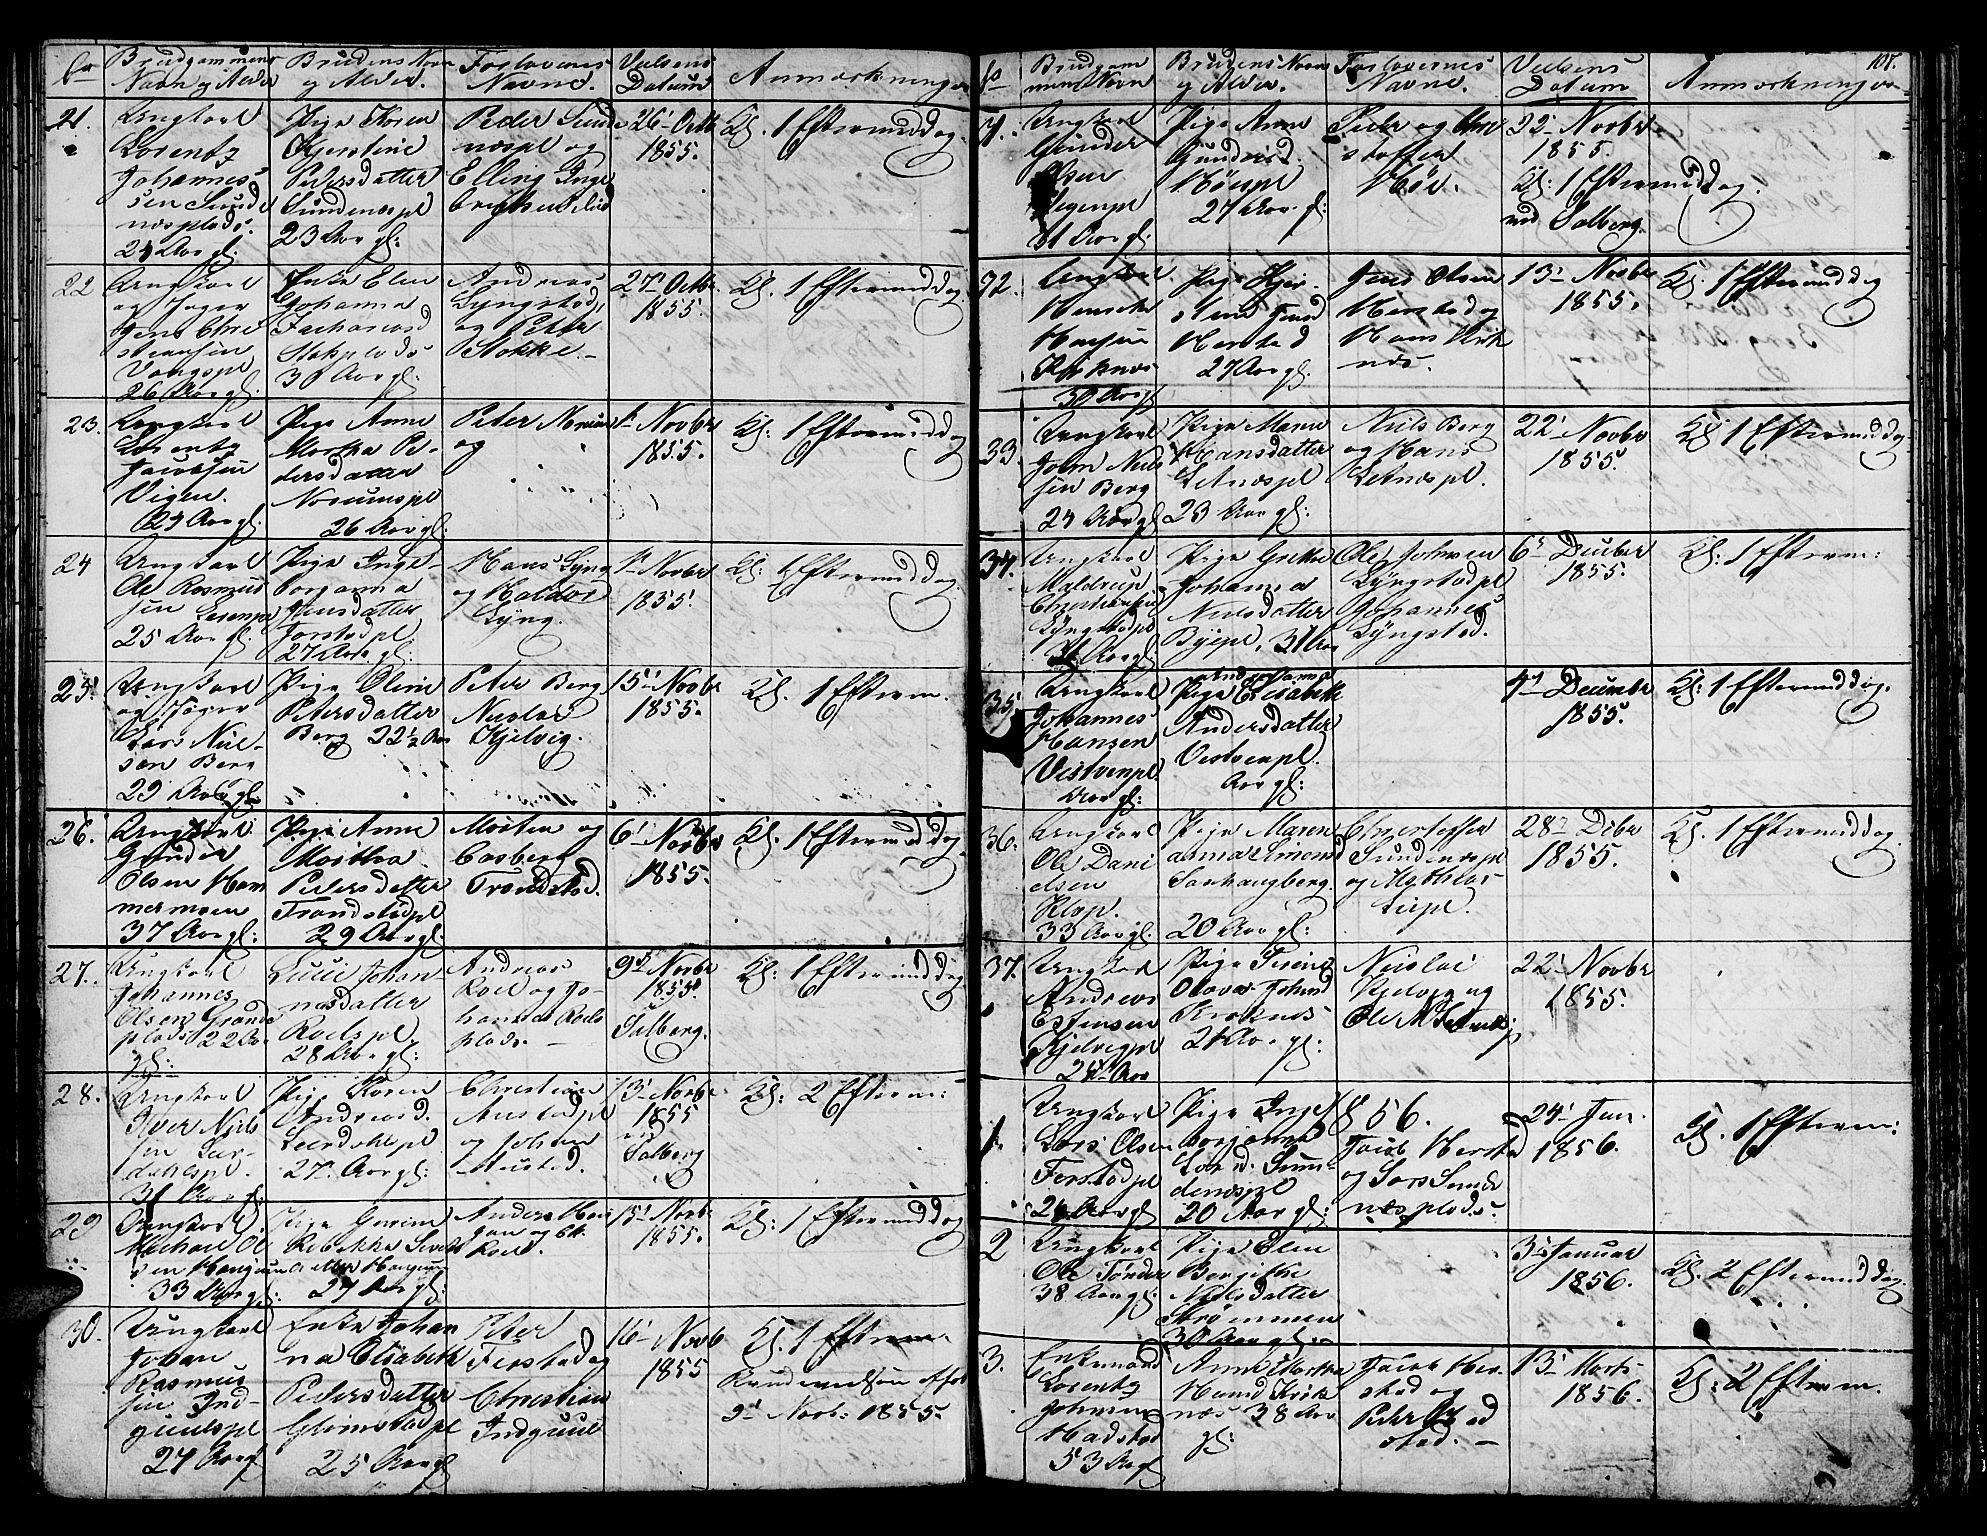 SAT, Ministerialprotokoller, klokkerbøker og fødselsregistre - Nord-Trøndelag, 730/L0299: Klokkerbok nr. 730C02, 1849-1871, s. 107